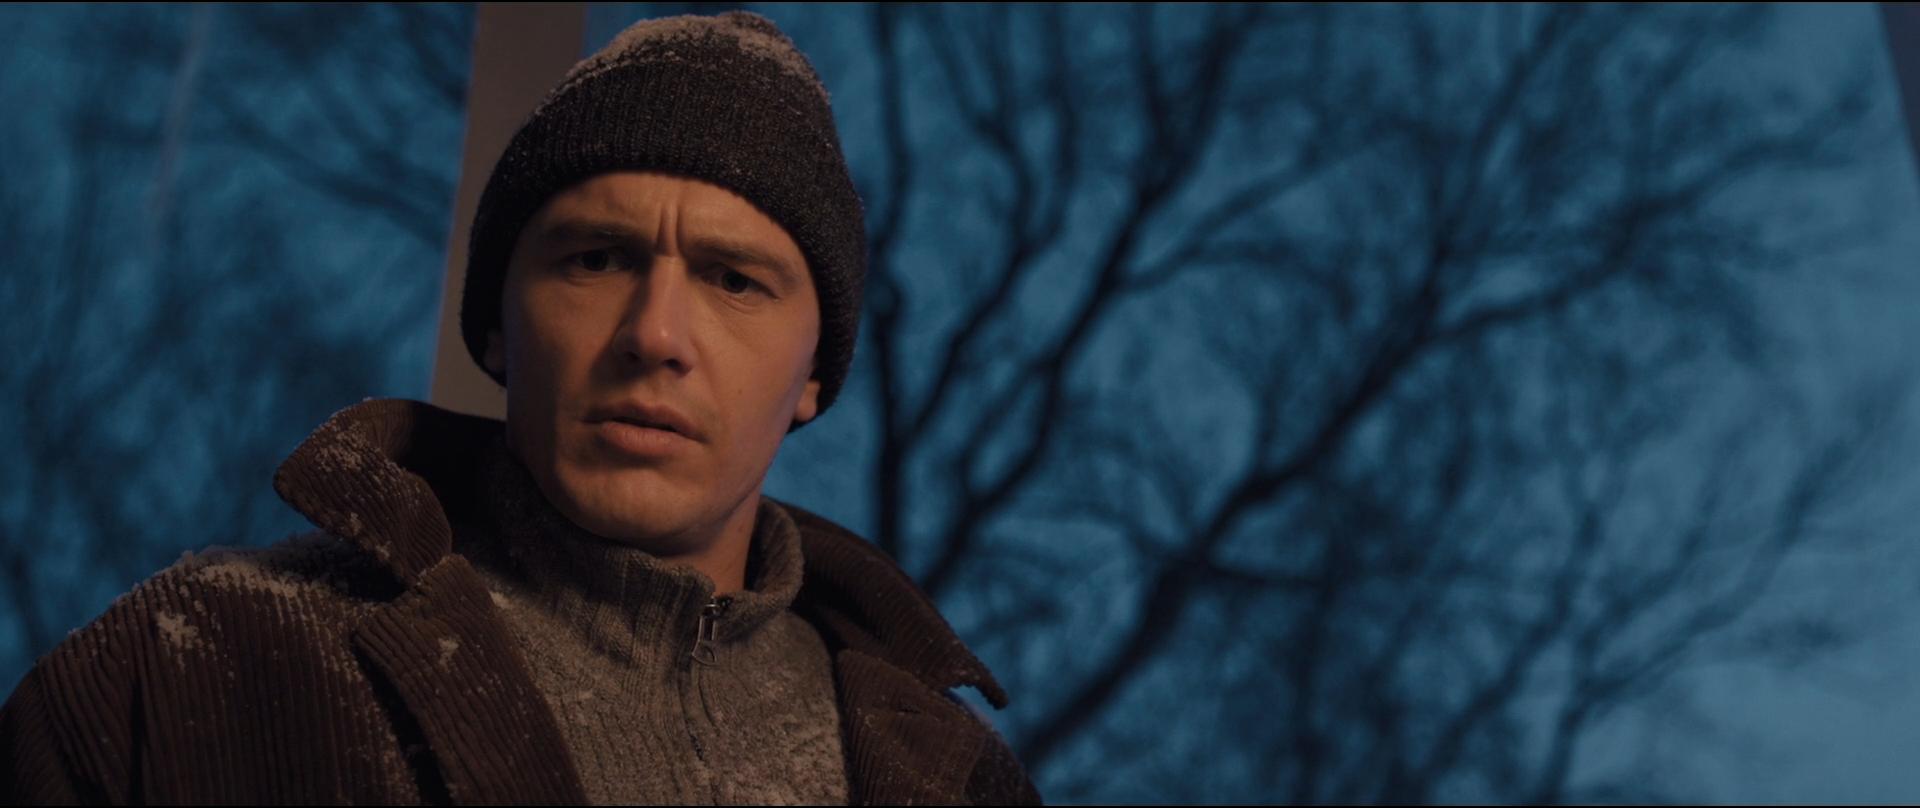 Her Şey Güzel Olacak - Every Thing Will Be Fine 2015 (1080p BluRay) DUAL TR-EN - Full HD Film indir